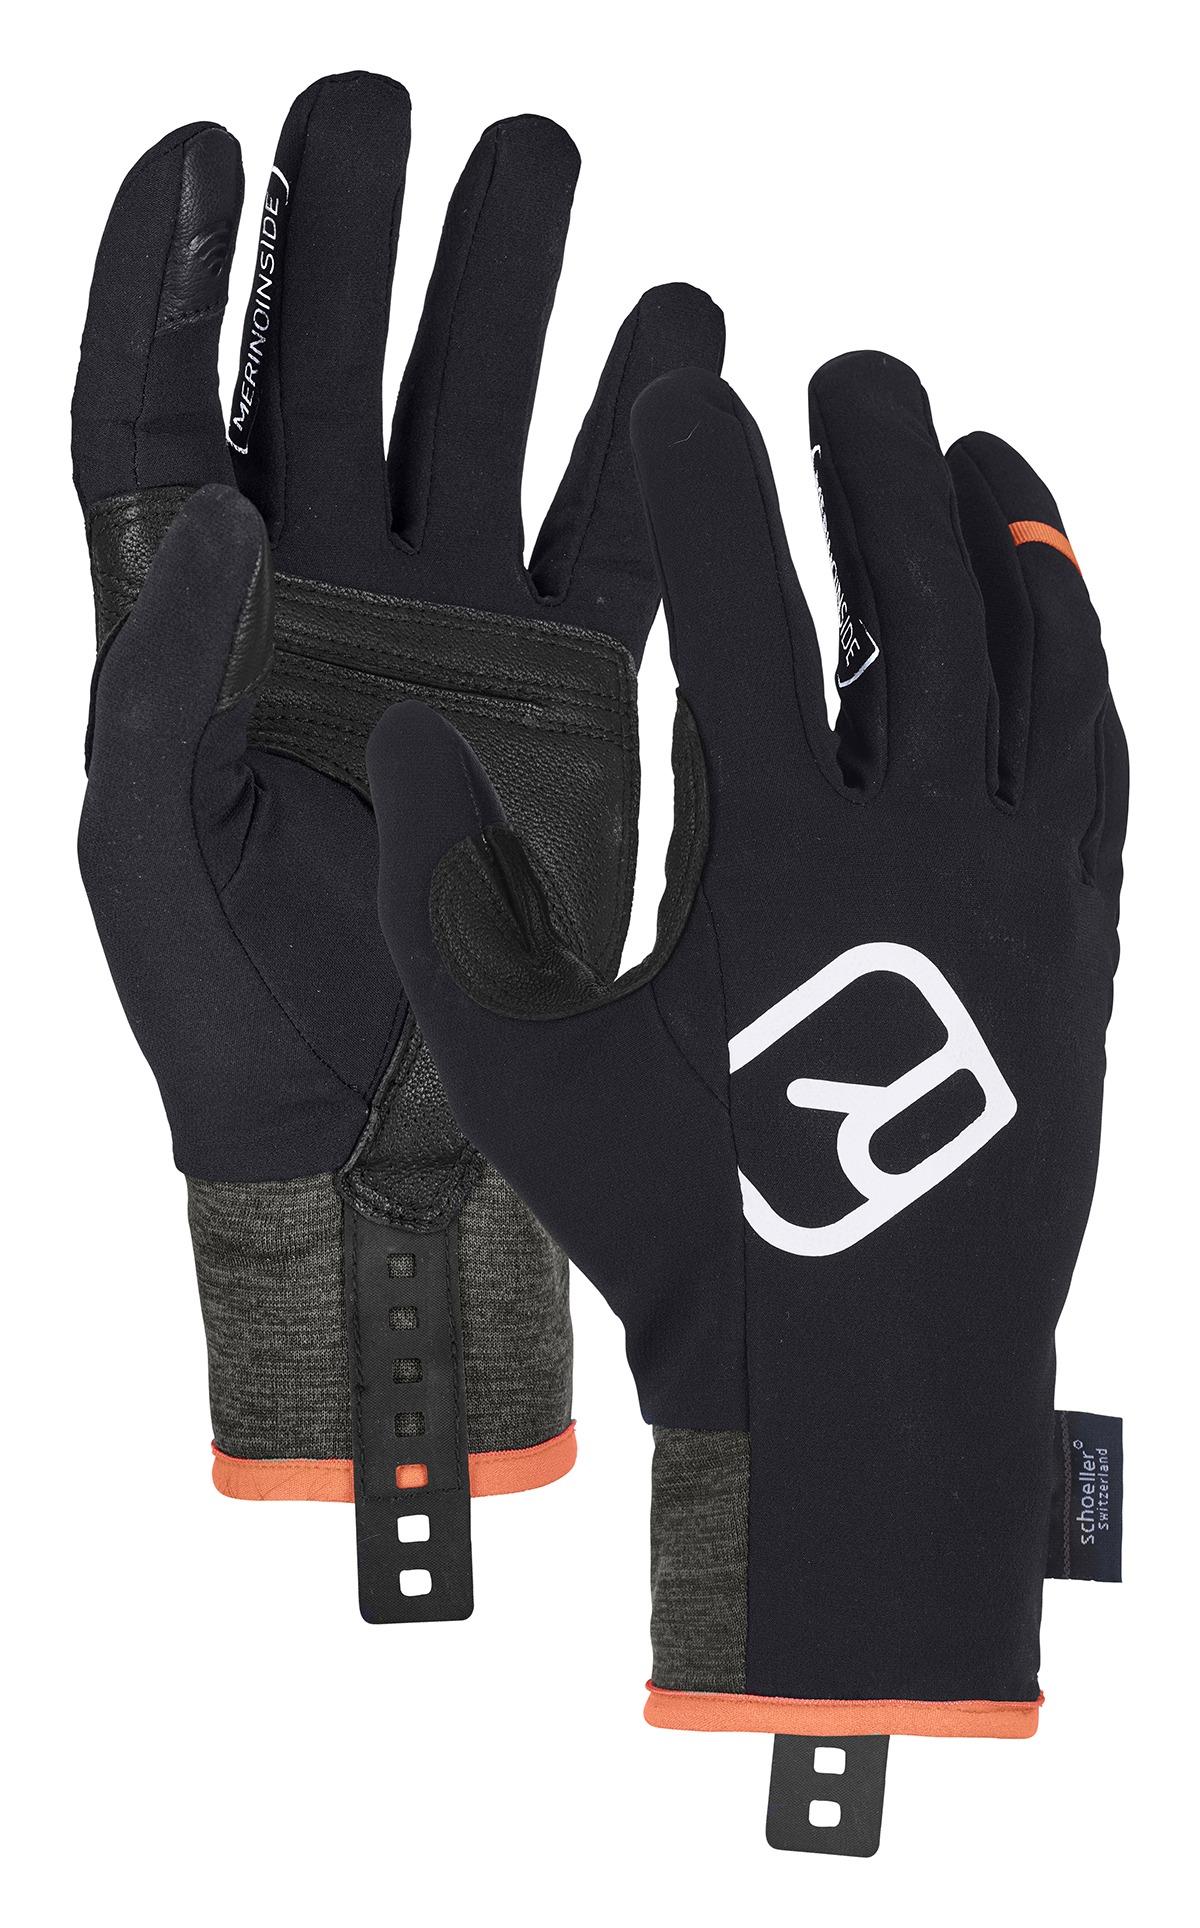 Ortovox Men's Tour Light Gloves - Black Raven